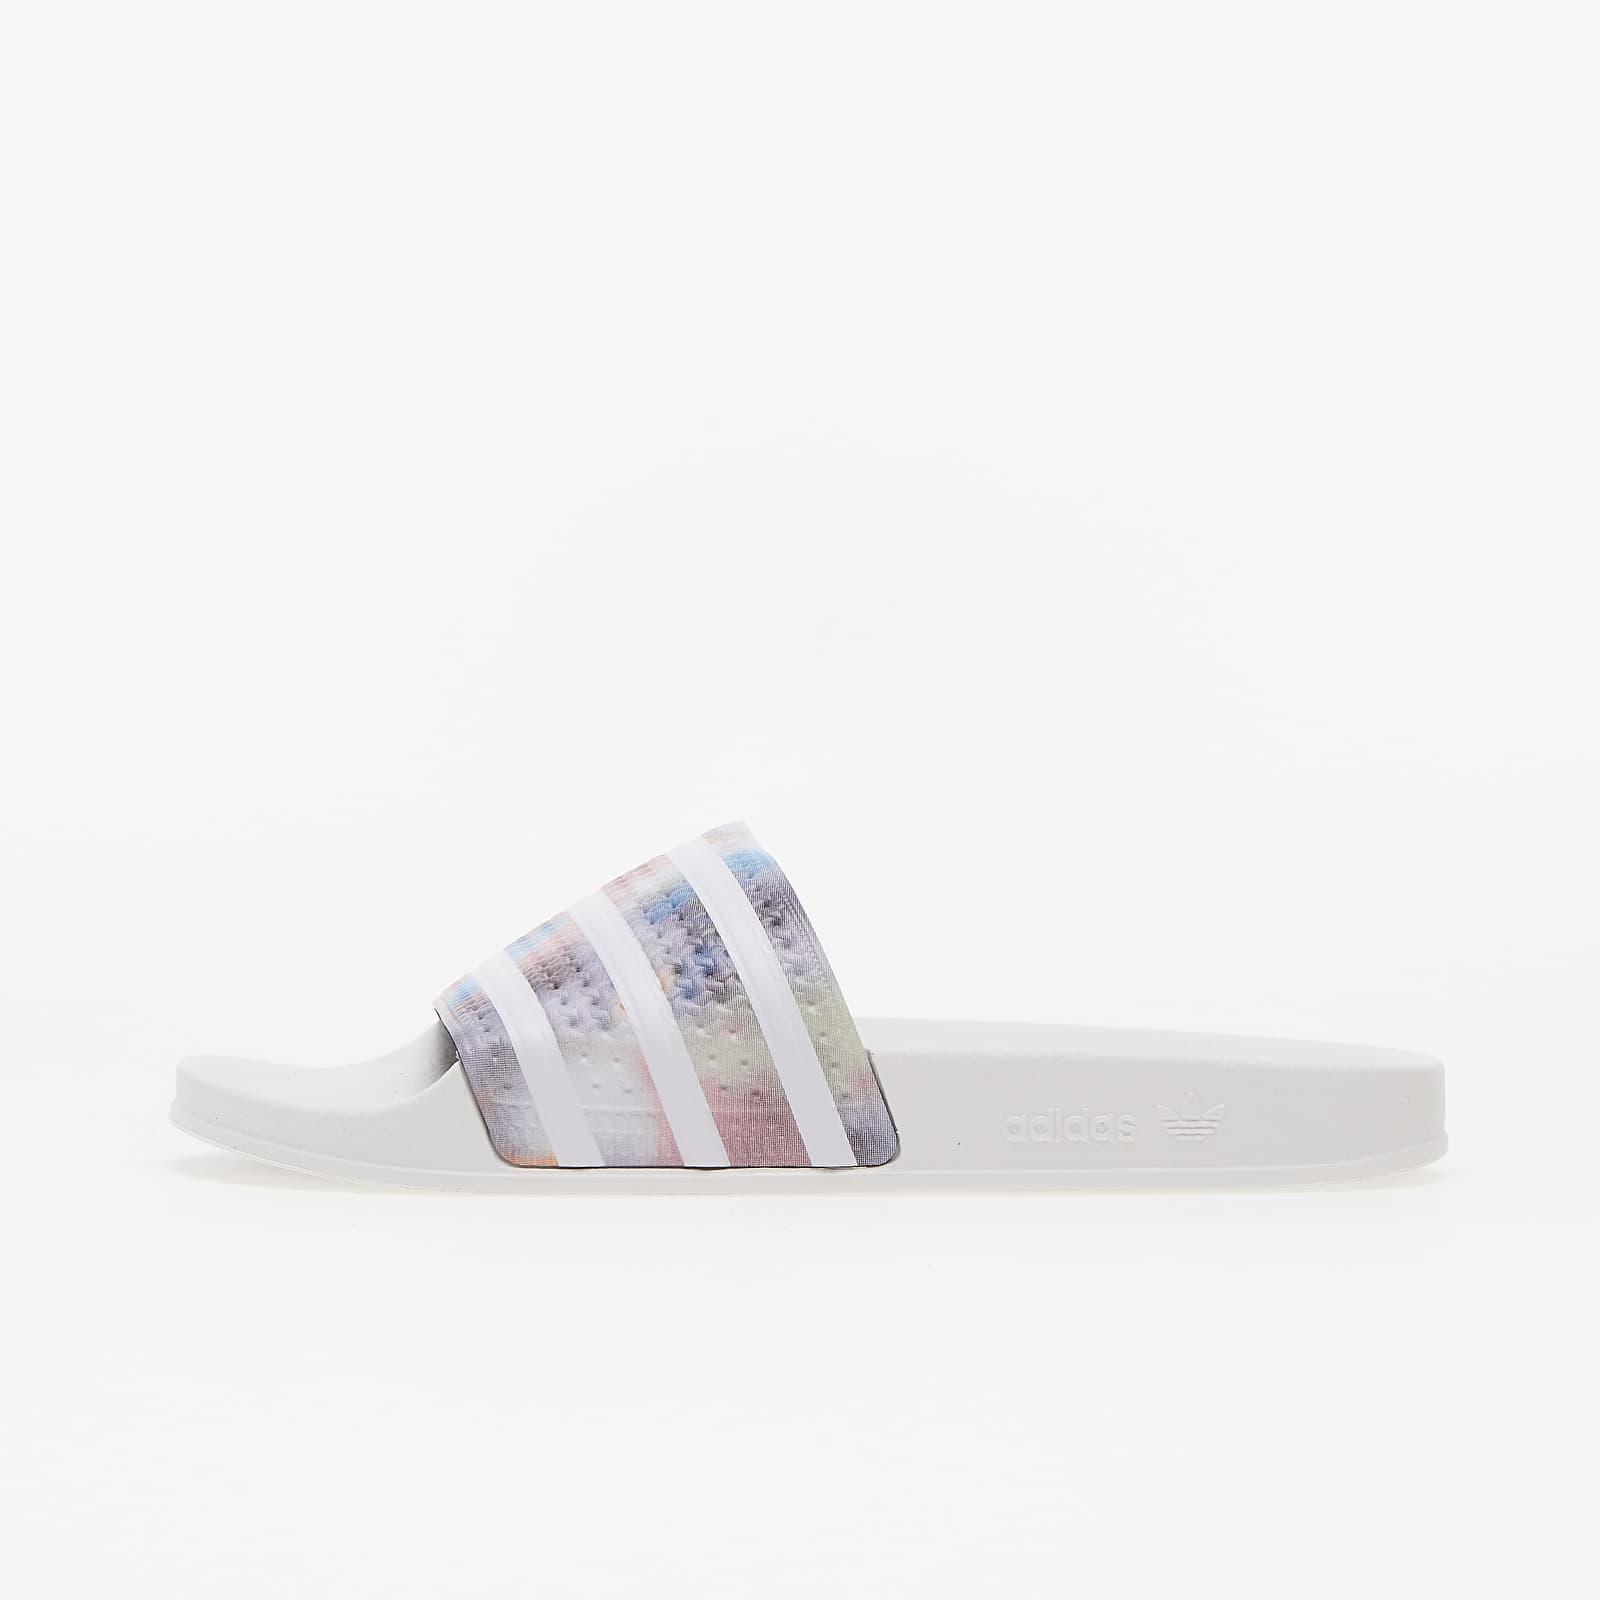 adidas Adilette Ftw White/ Ftw White/ Purple Yellow EUR 47